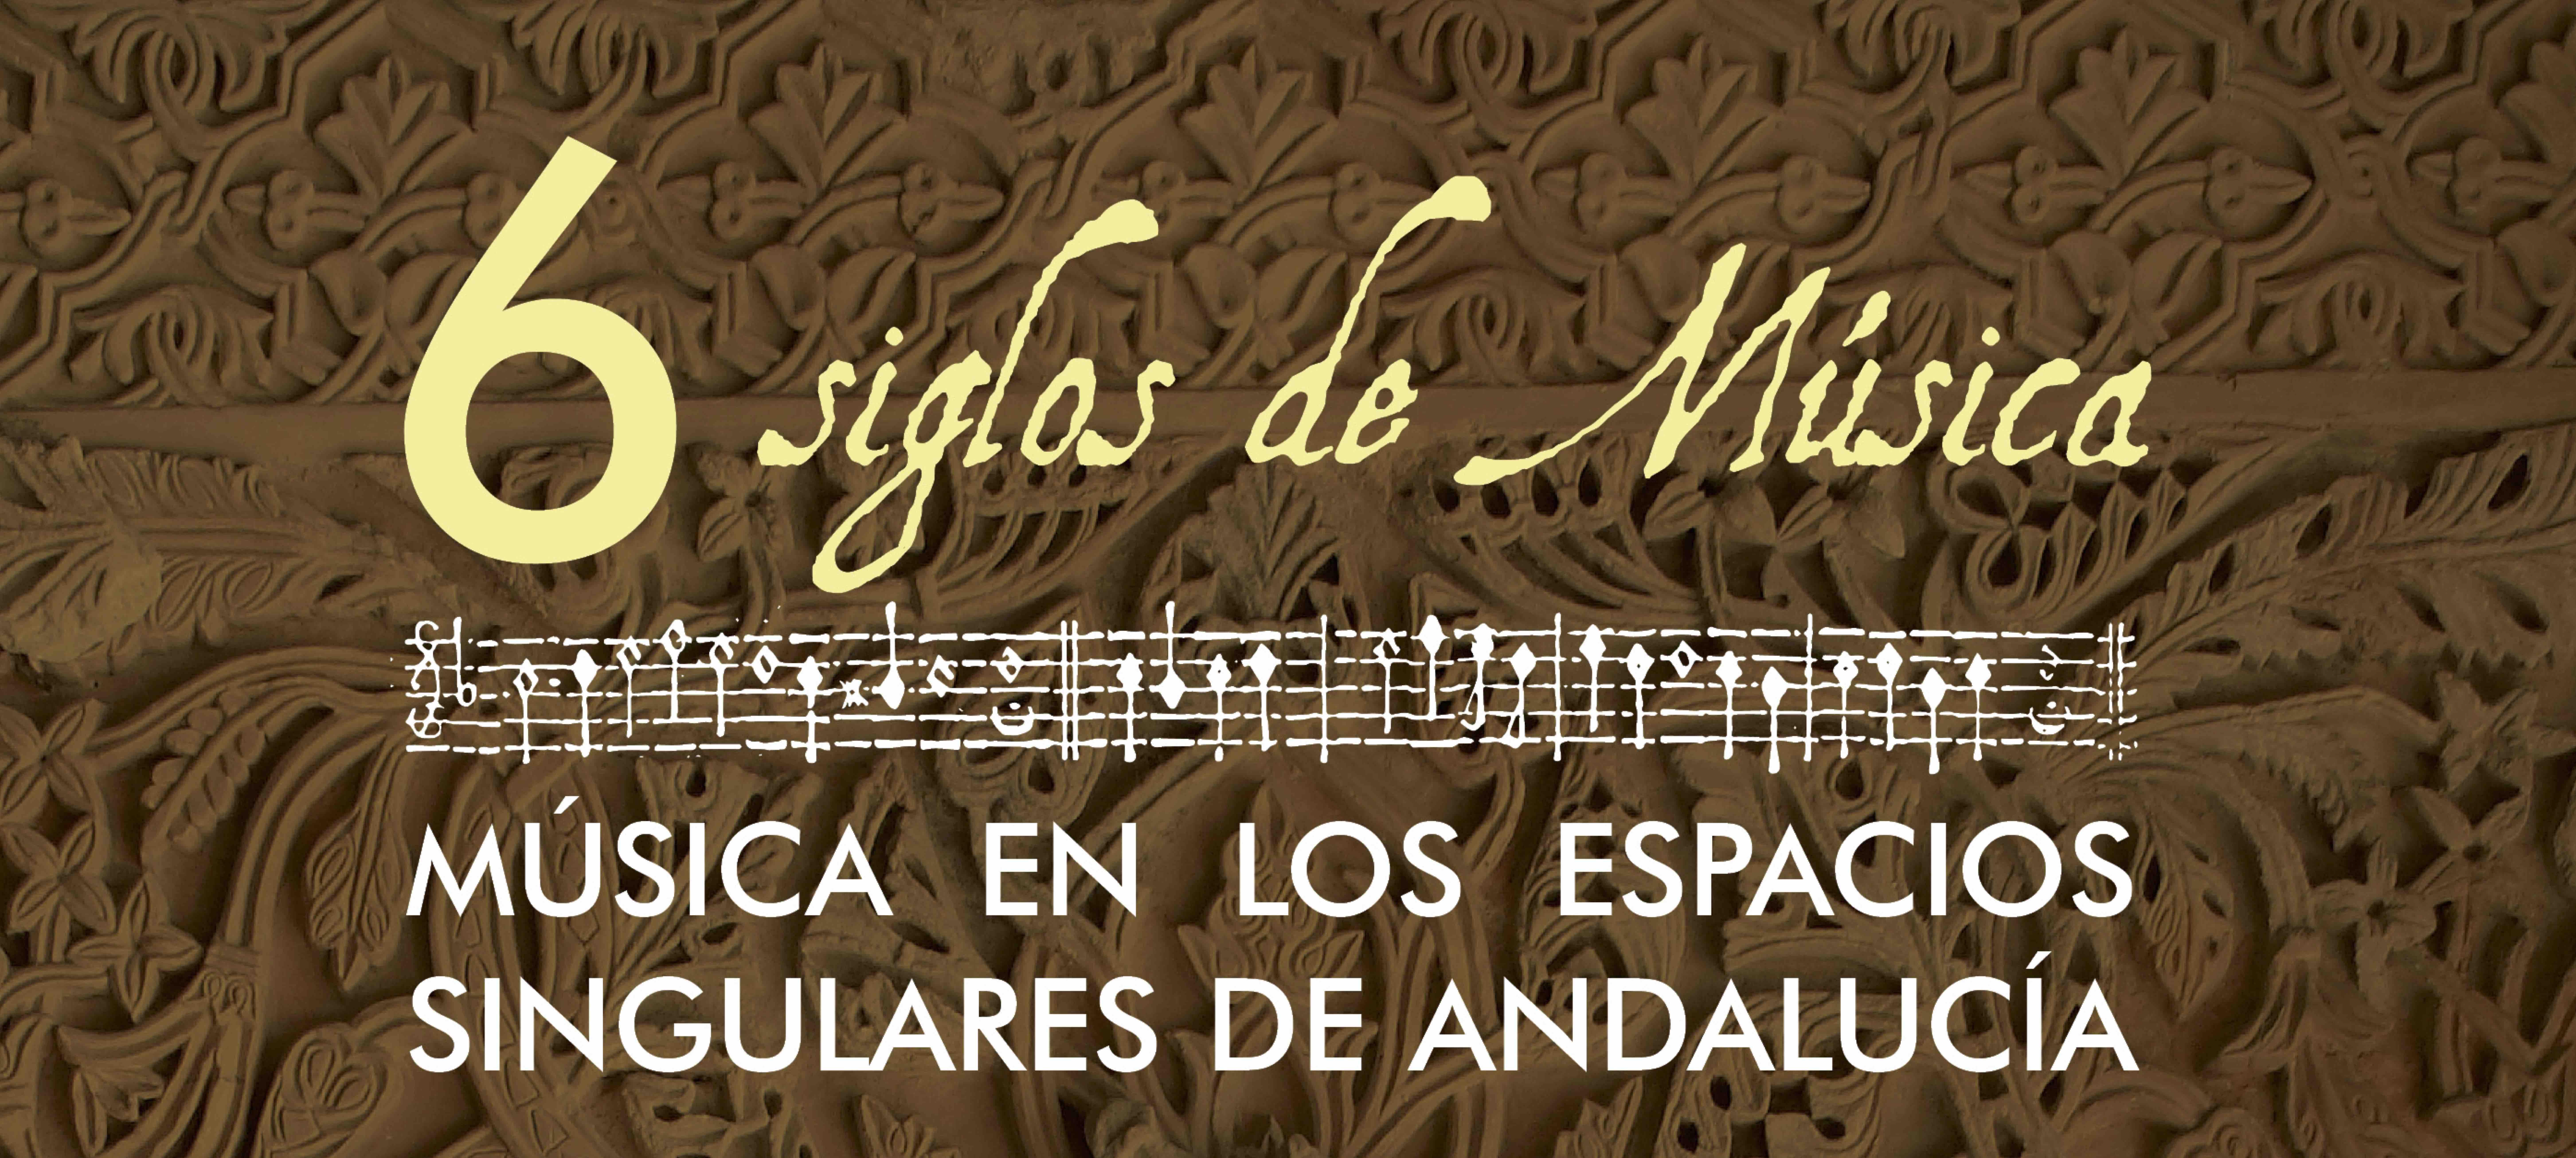 La OBS resuena en el Monasterio de San Isidoro del Campo en el ciclo '6 Siglos de Música'